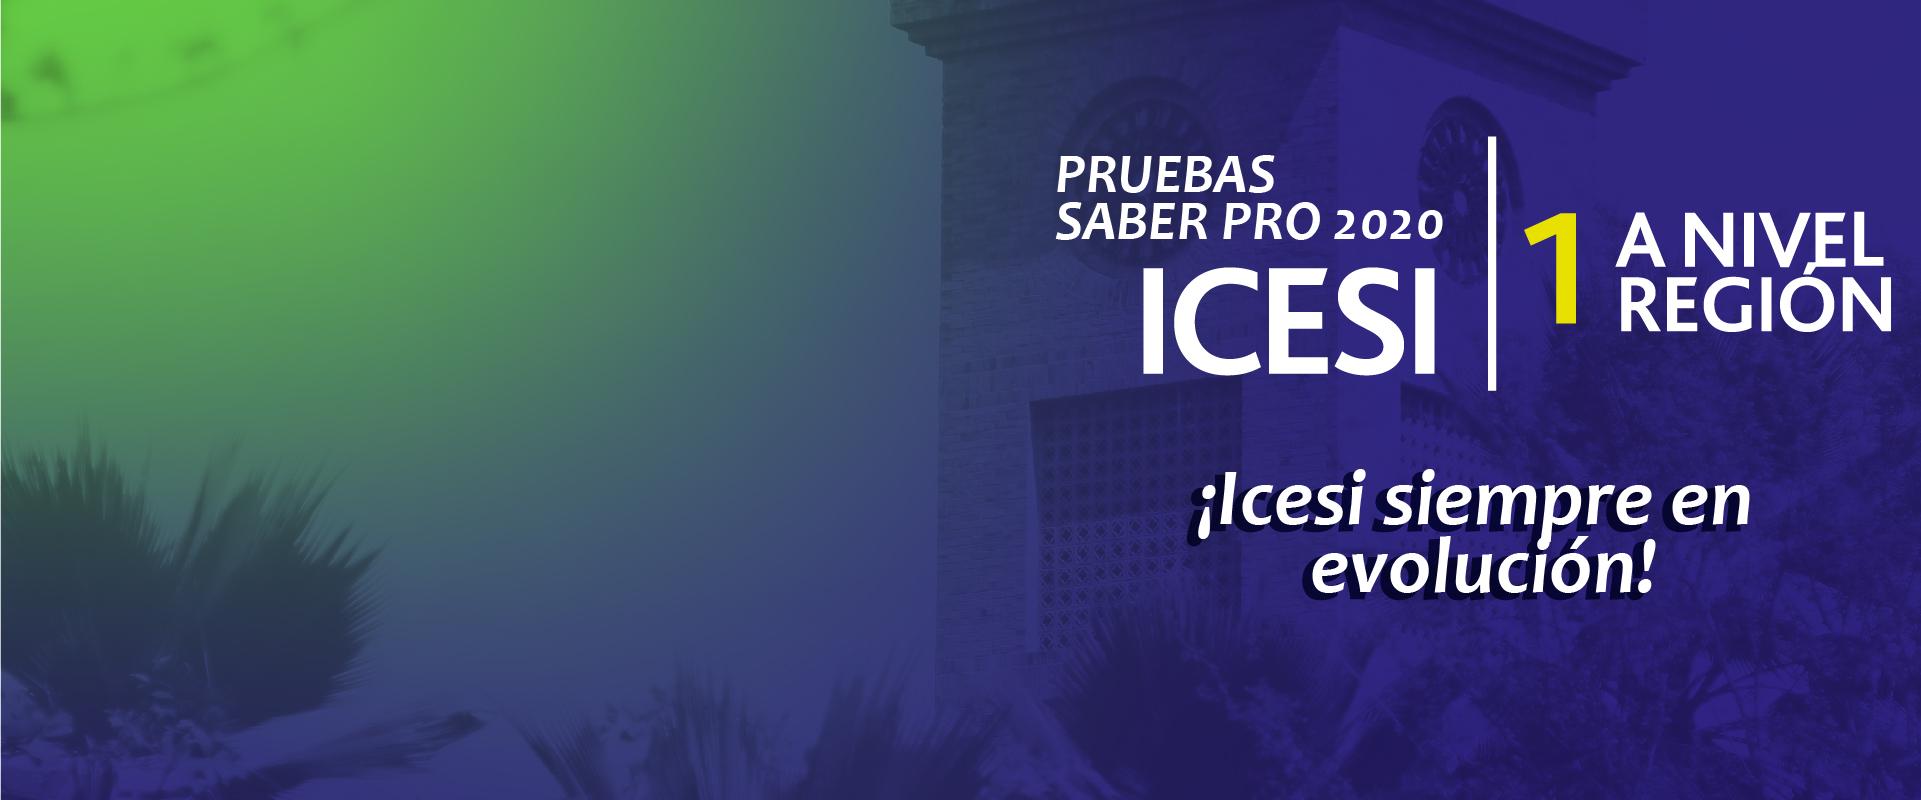 Icesi se destaca en los resultados de las pruebas Saber Pro 2020